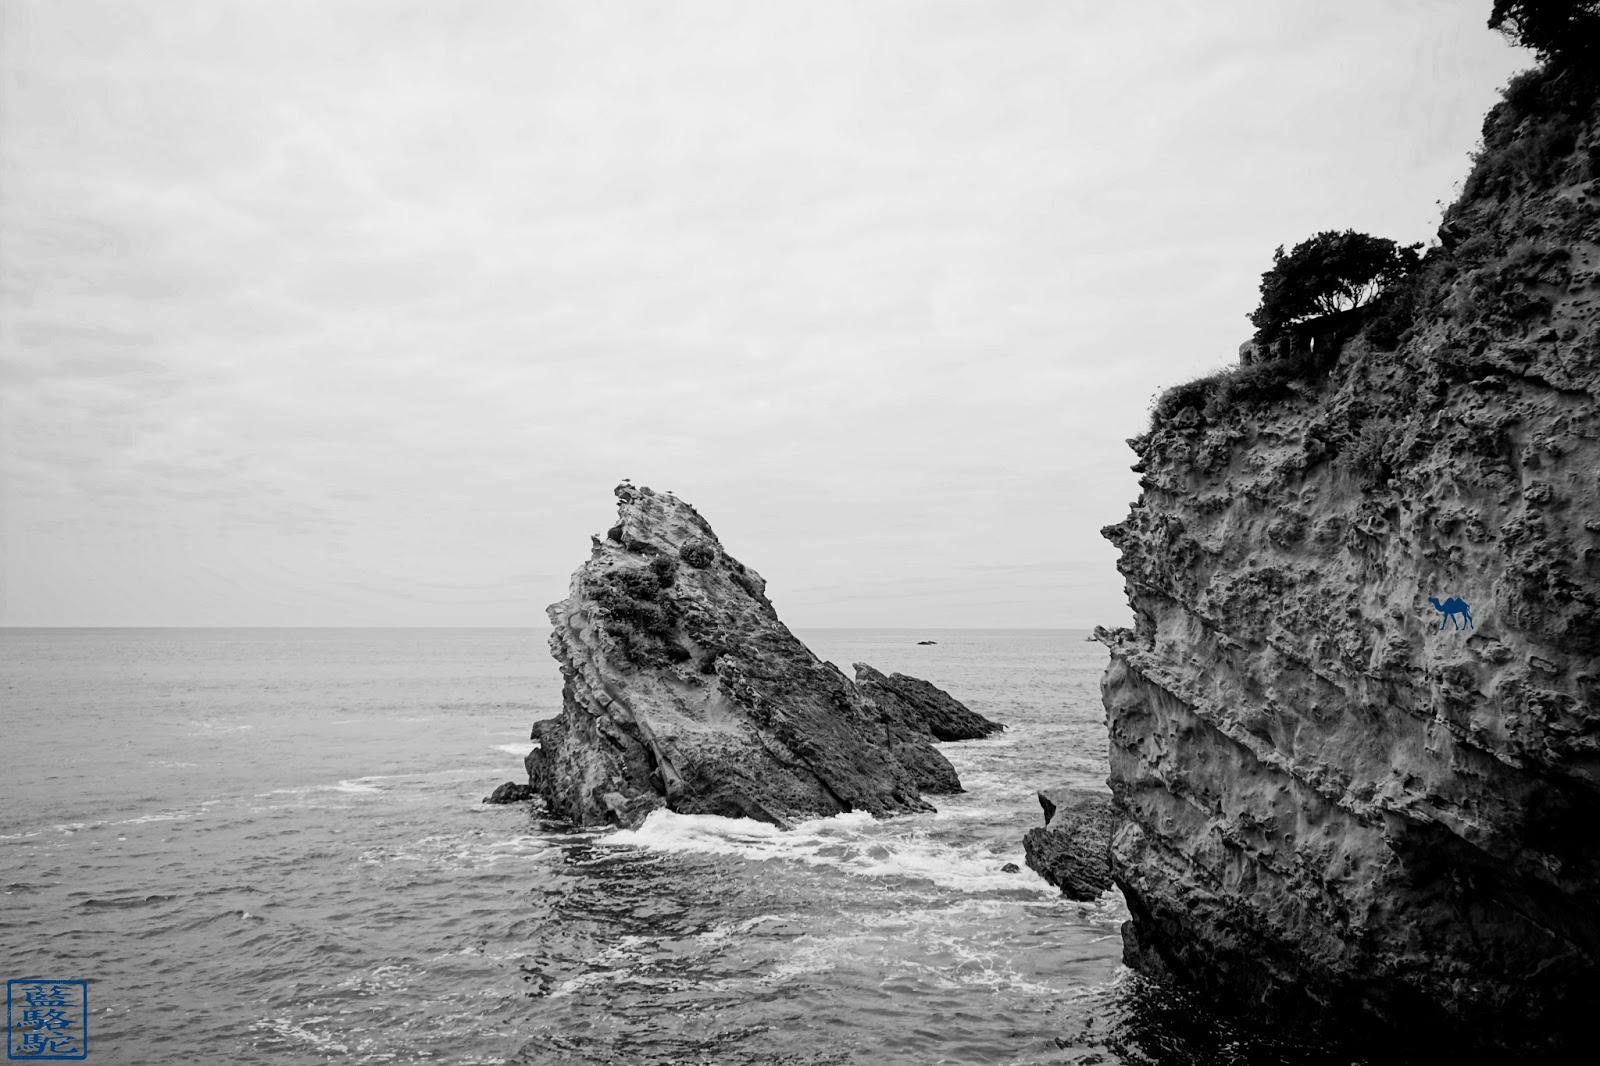 Le Chameau Bleu - Boulevard du Prince de Galles - Biarritz Sud Ouest